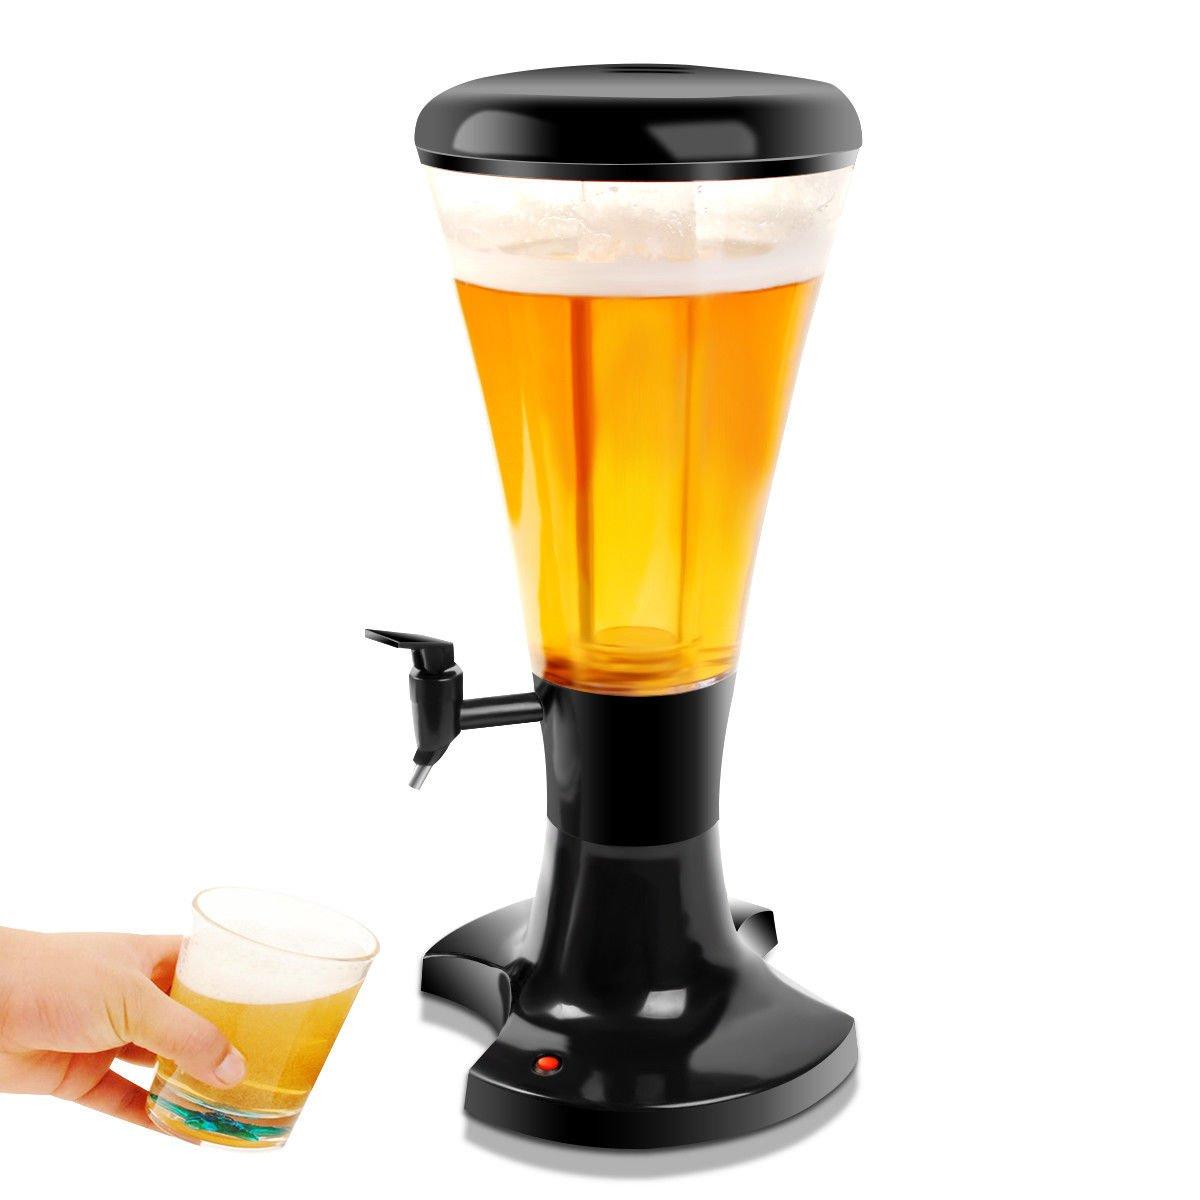 Goplus Beverage Dispenser 3L Plastic w/ LED Shinning Lights Tabletop Black Draft Beer Tower for Bar